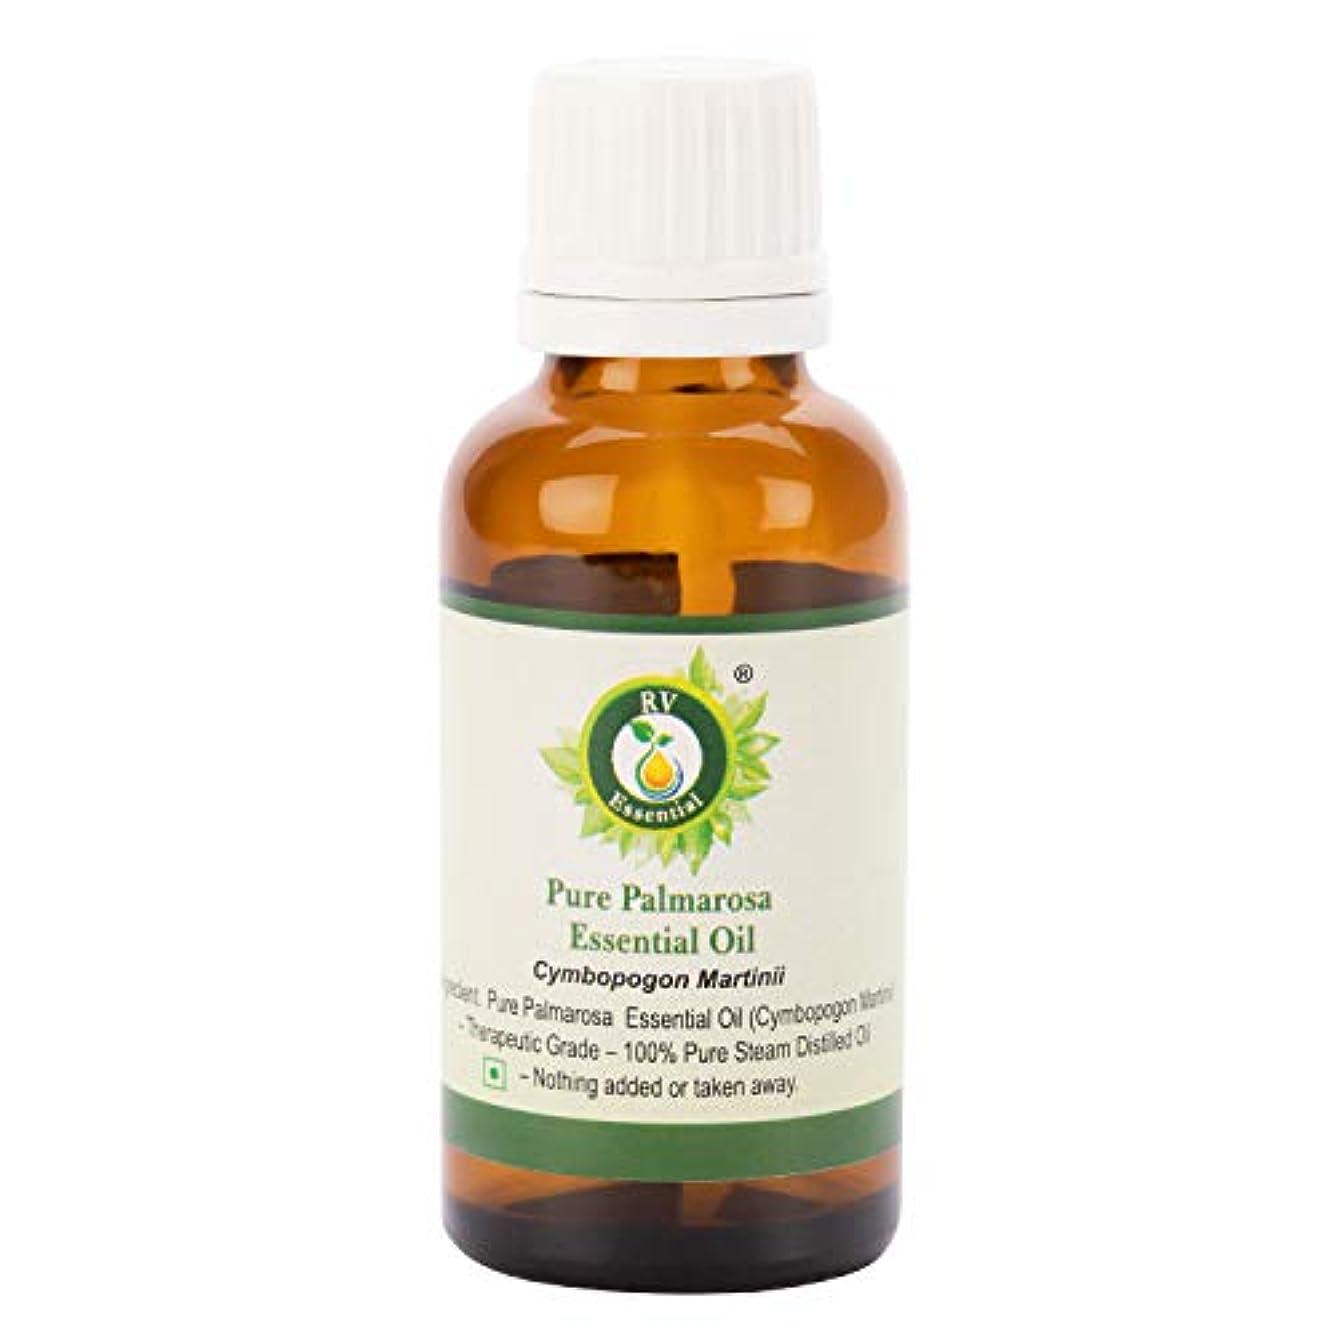 偶然のホスト害ピュアパルマローザエッセンシャルオイル5ml (0.169oz)- Cymbopogon Martinii (100%純粋&天然スチームDistilled) Pure Palmarosa Essential Oil